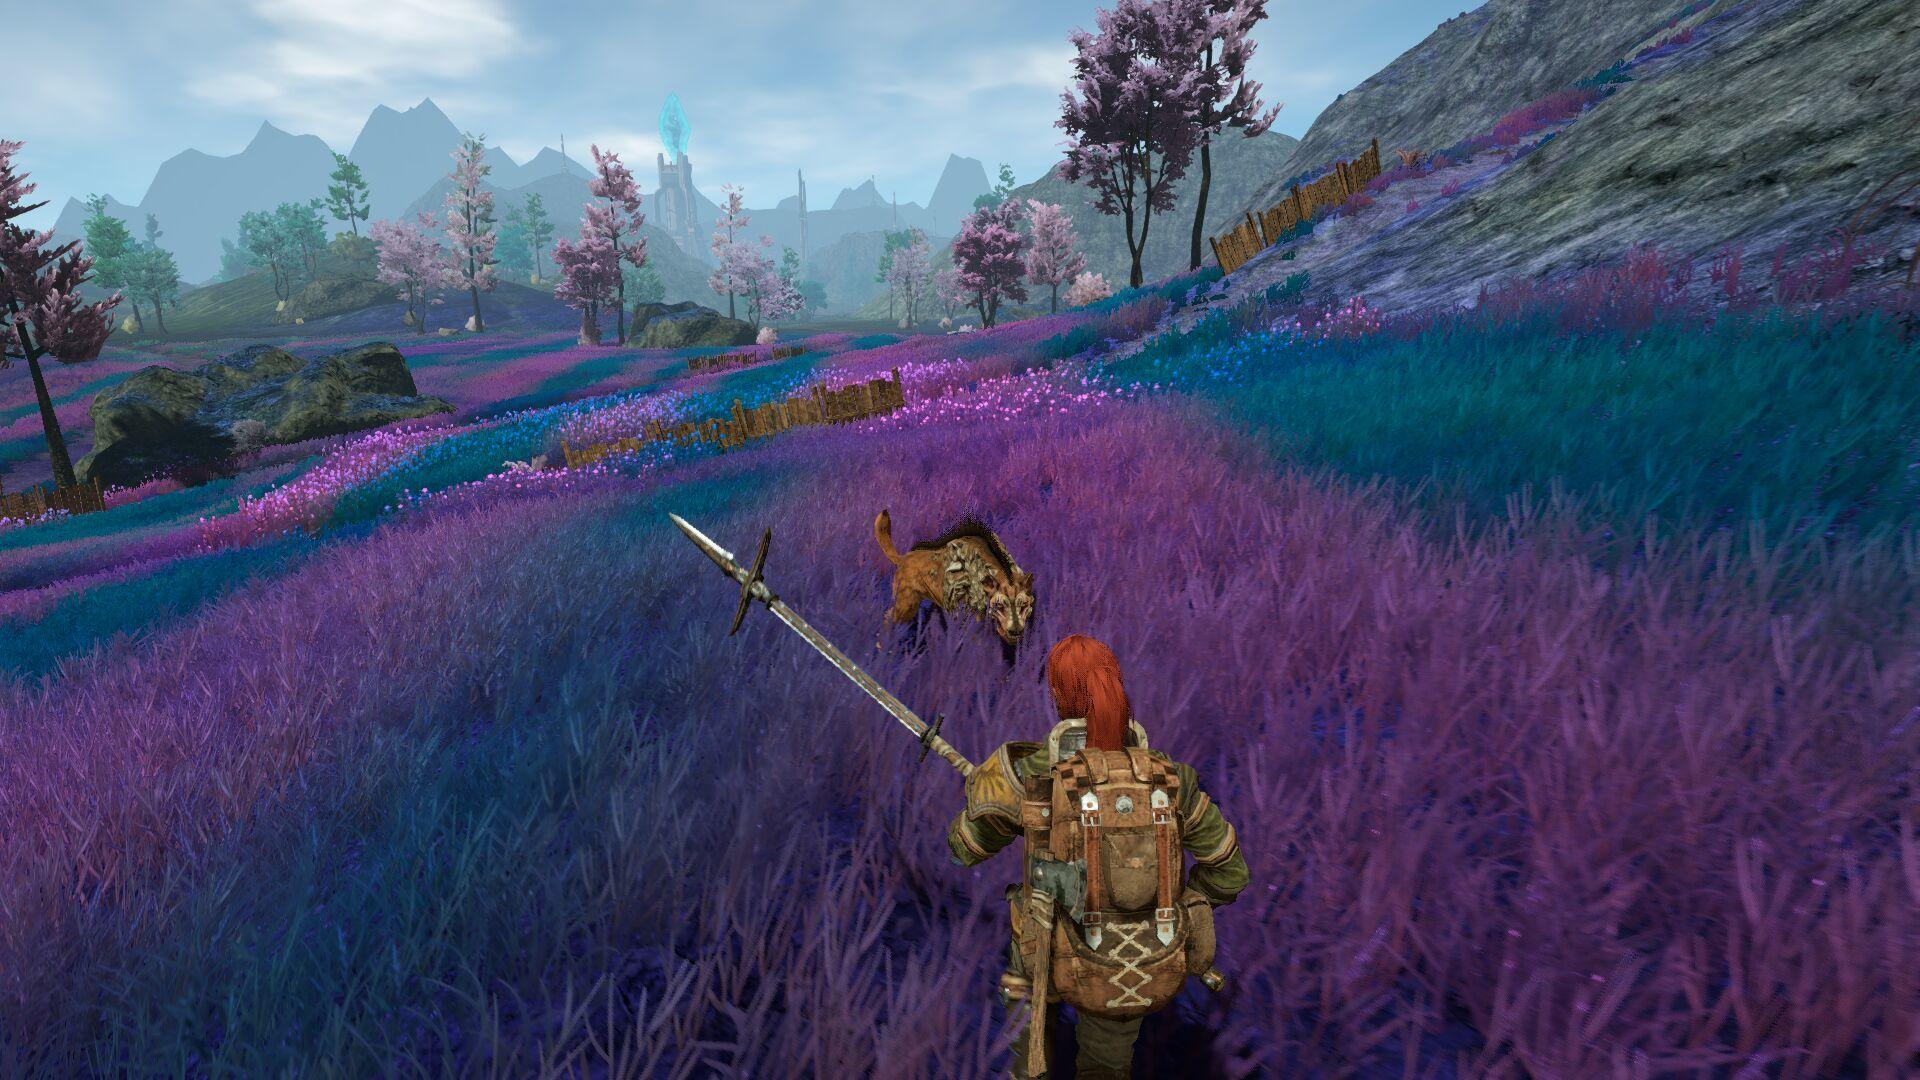 Die Spielwelt überzeugt durch ihre Kontraste und schönen Aussichten.